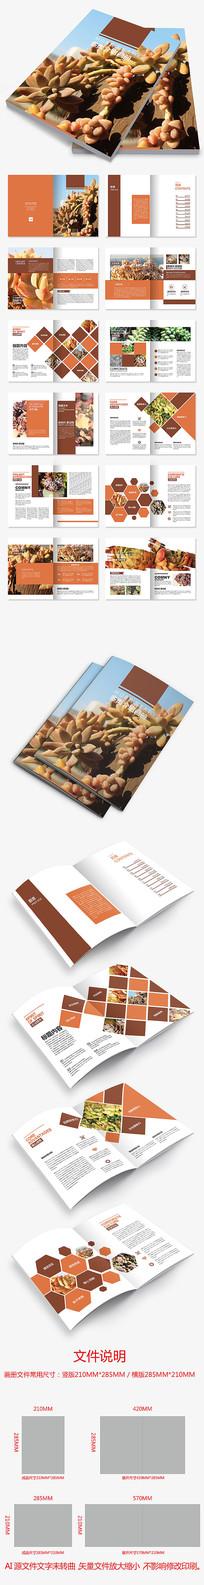 绿植家居产品画册多肉植物介绍画册设计